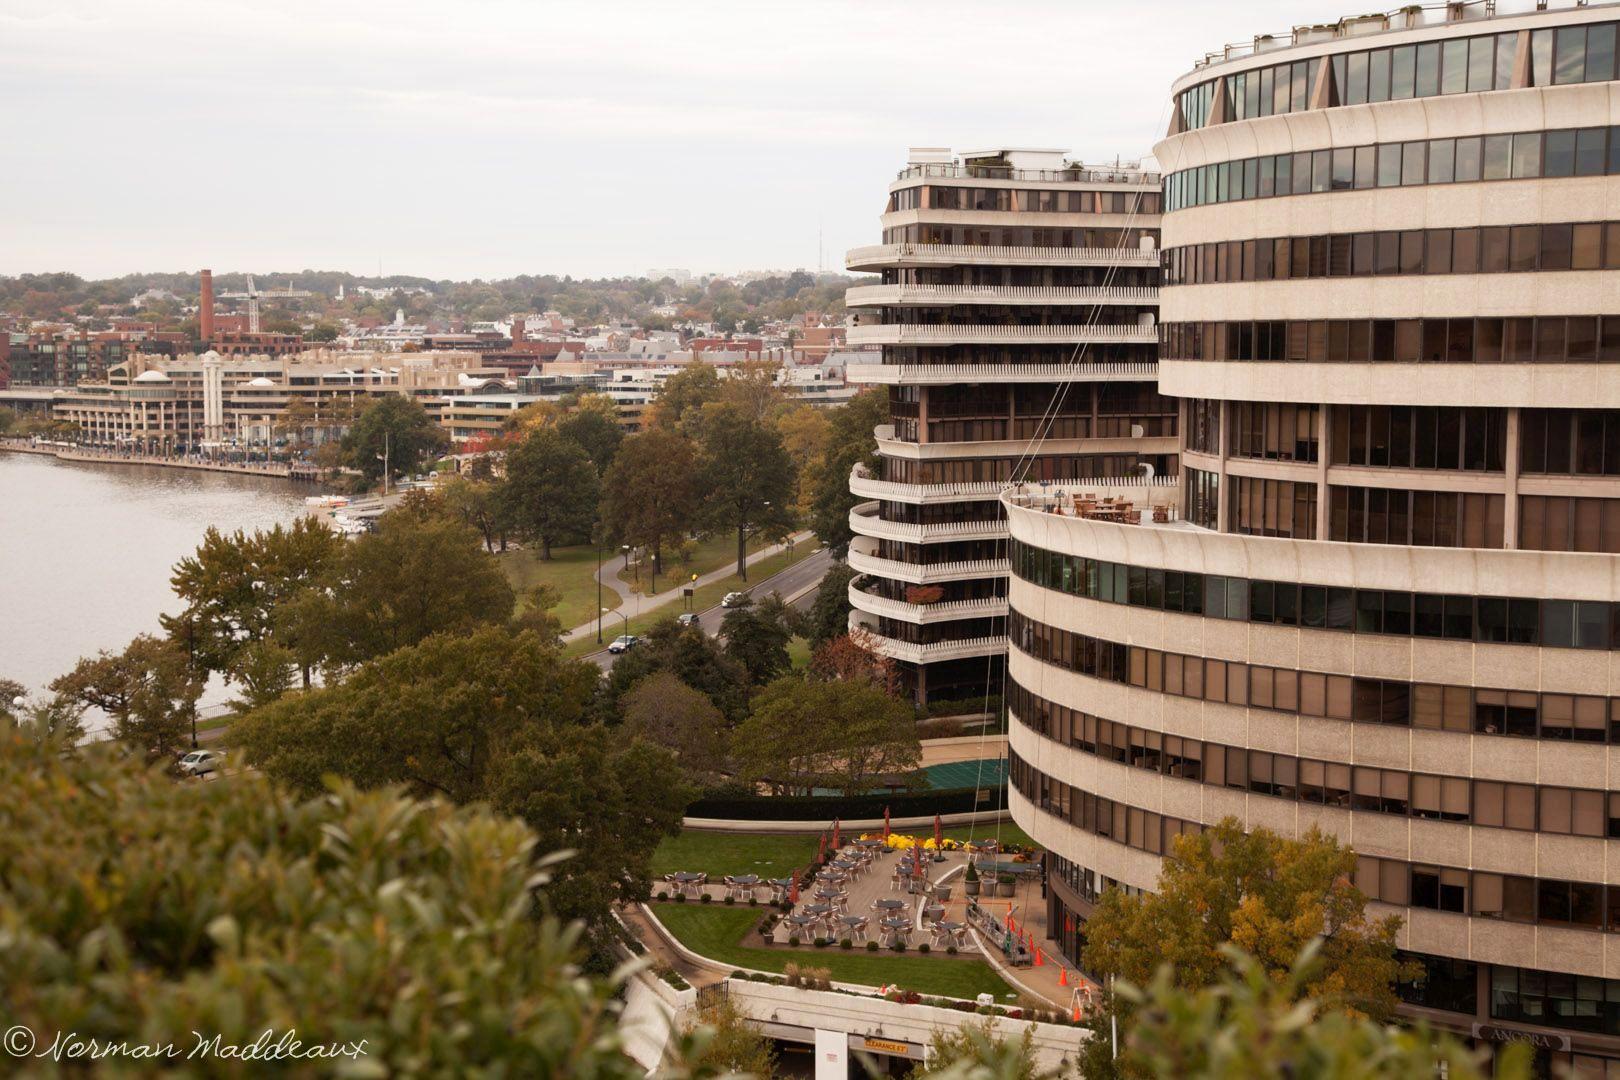 Hotels Near The Watergate In Washington Dc